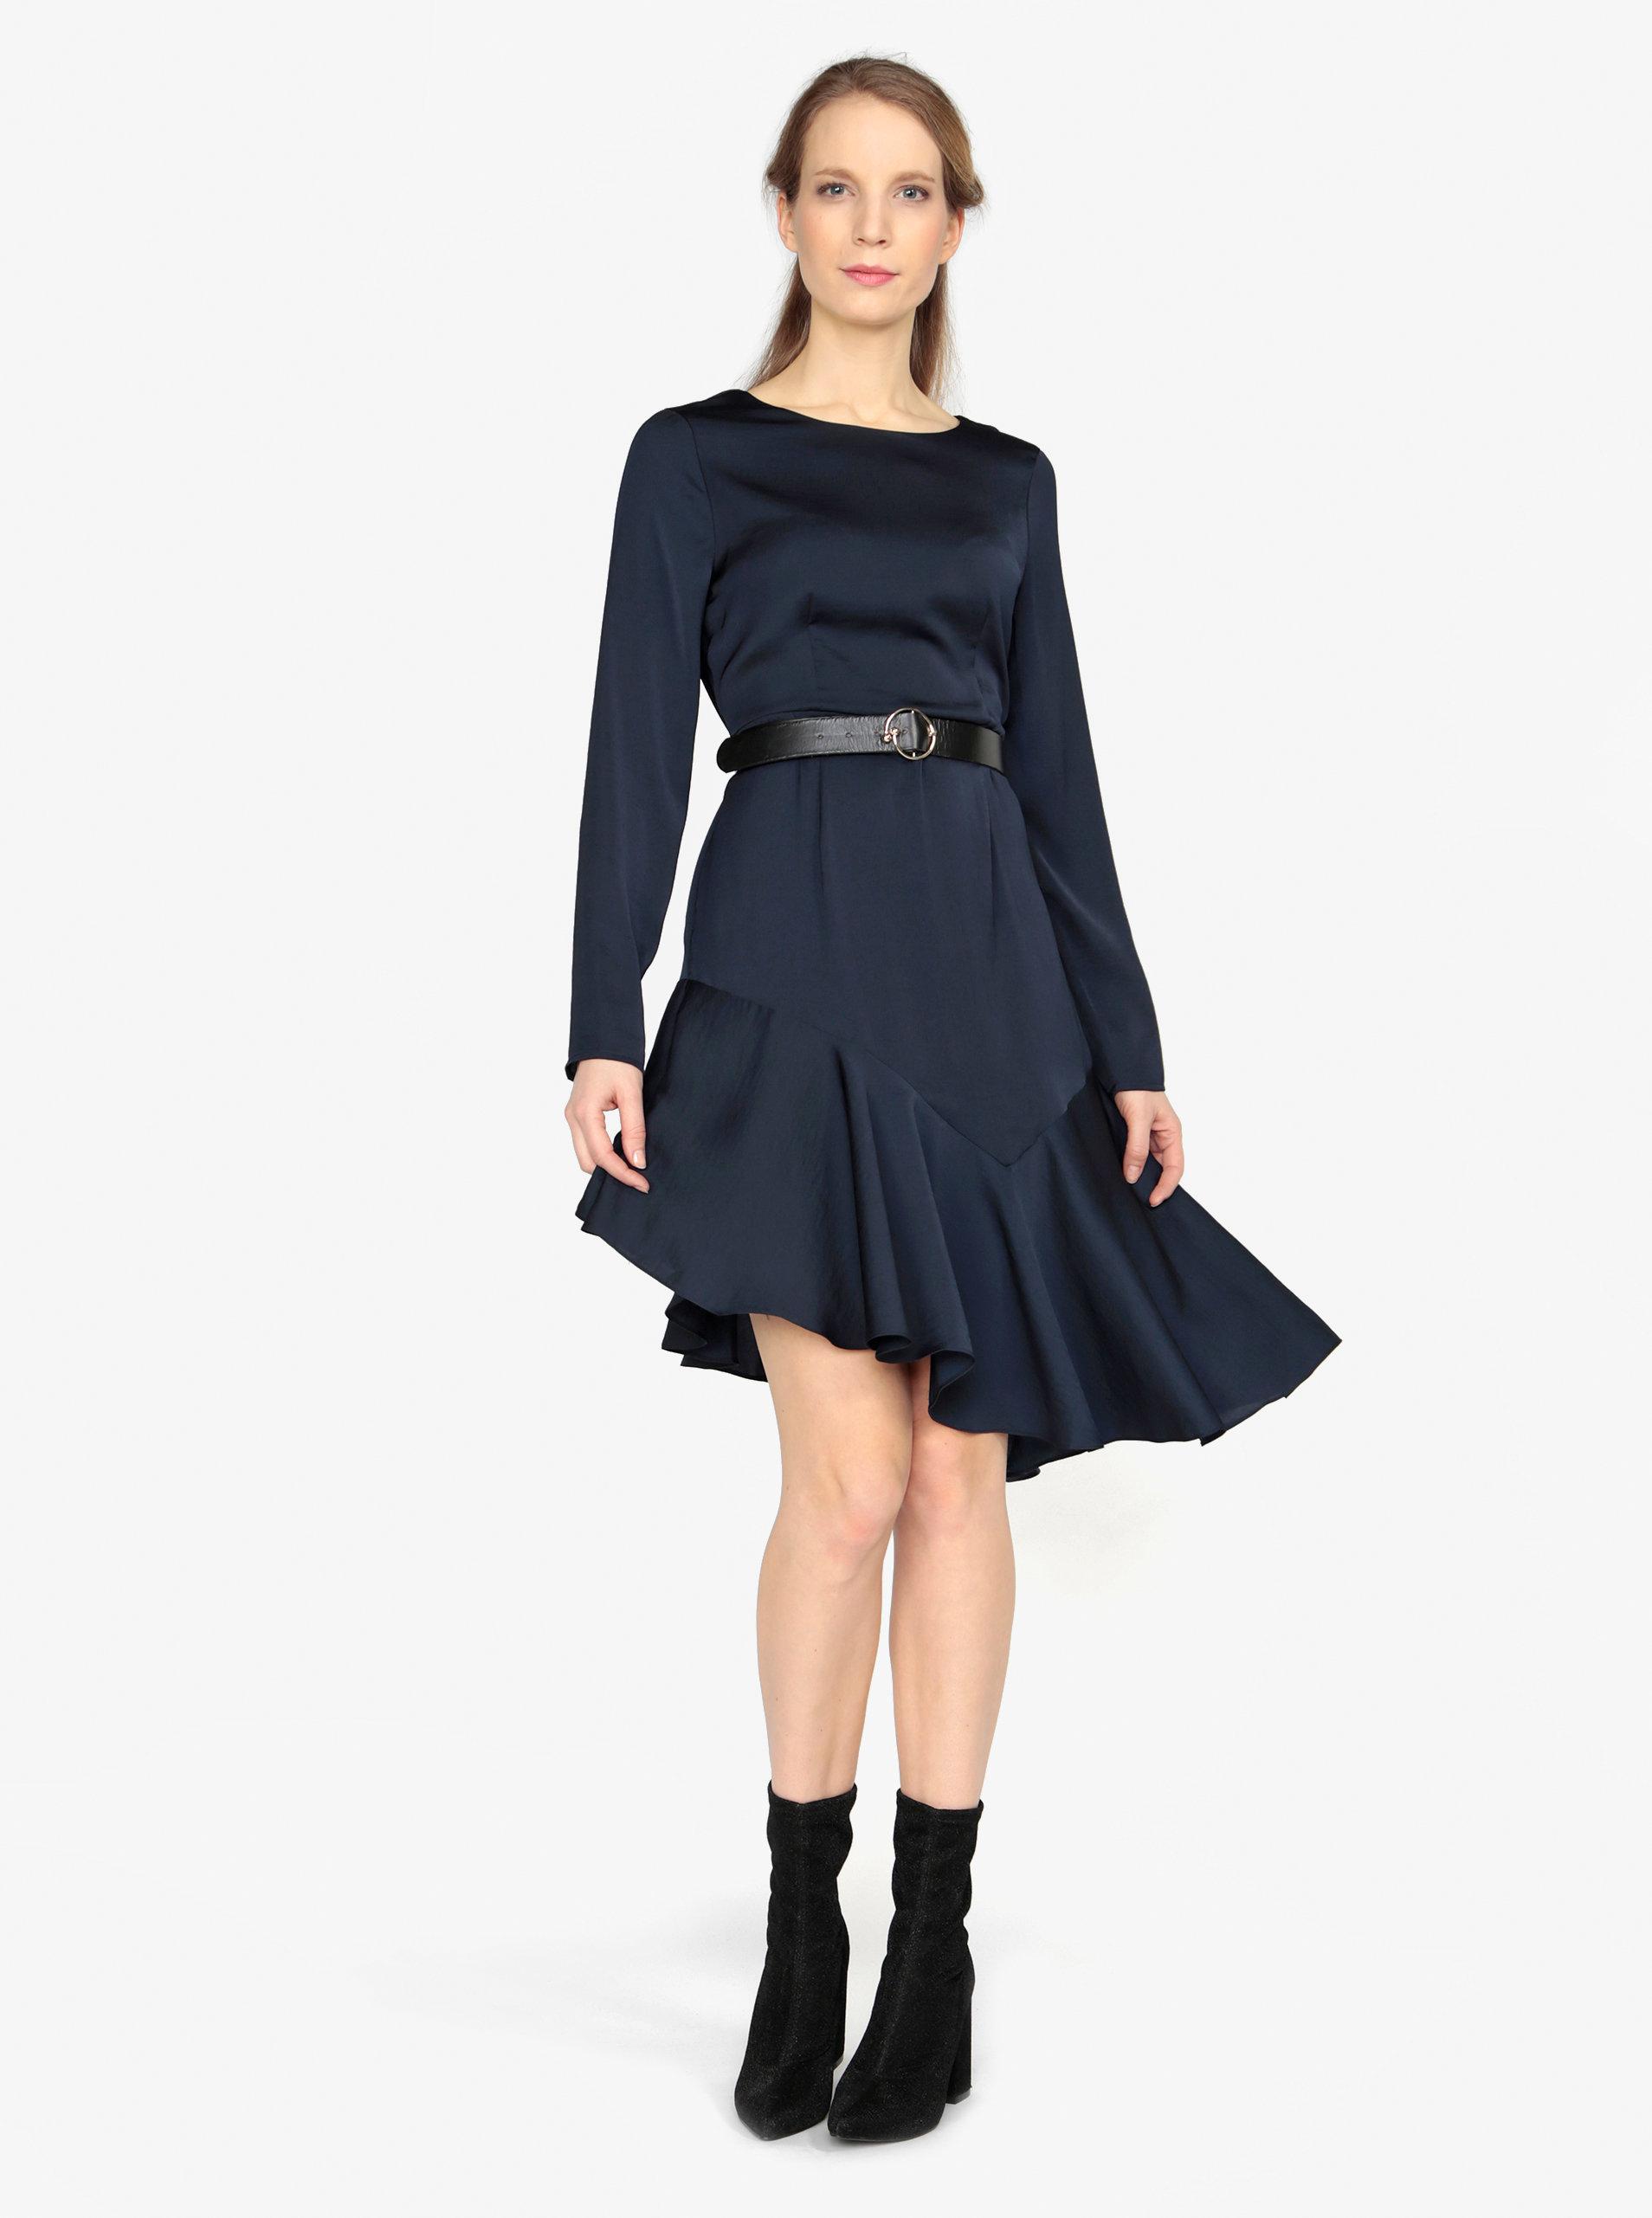 7d44b48dabe Tmavomodré asymetrické šaty s dlhým rukávom VERO MODA Elsa ...